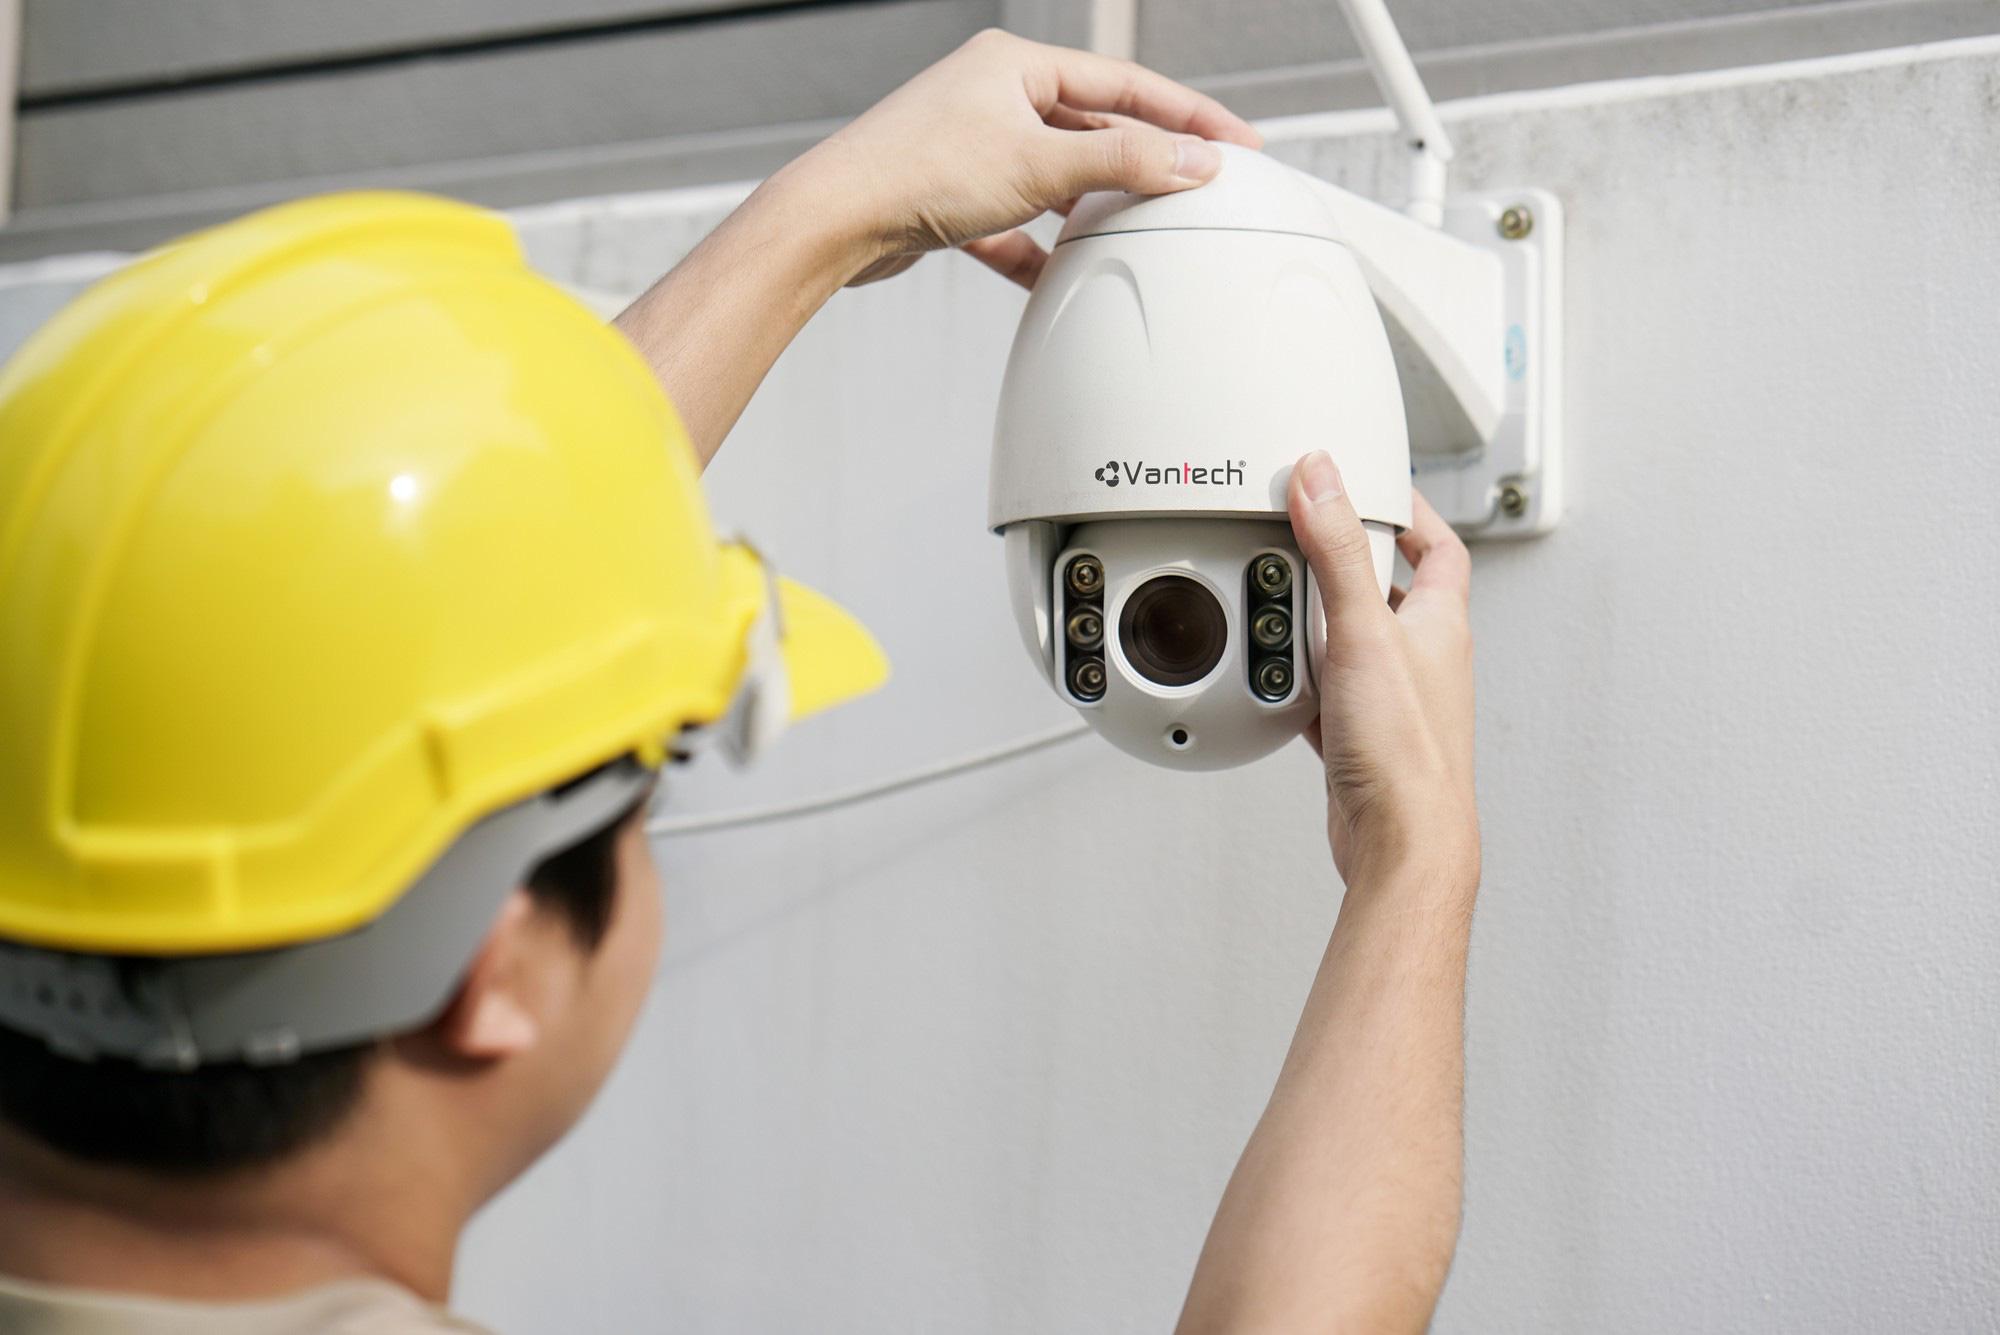 Người dùng cần làm gì để tránh bị camera an ninh 'giám sát' lại chính mình? - Ảnh 1.